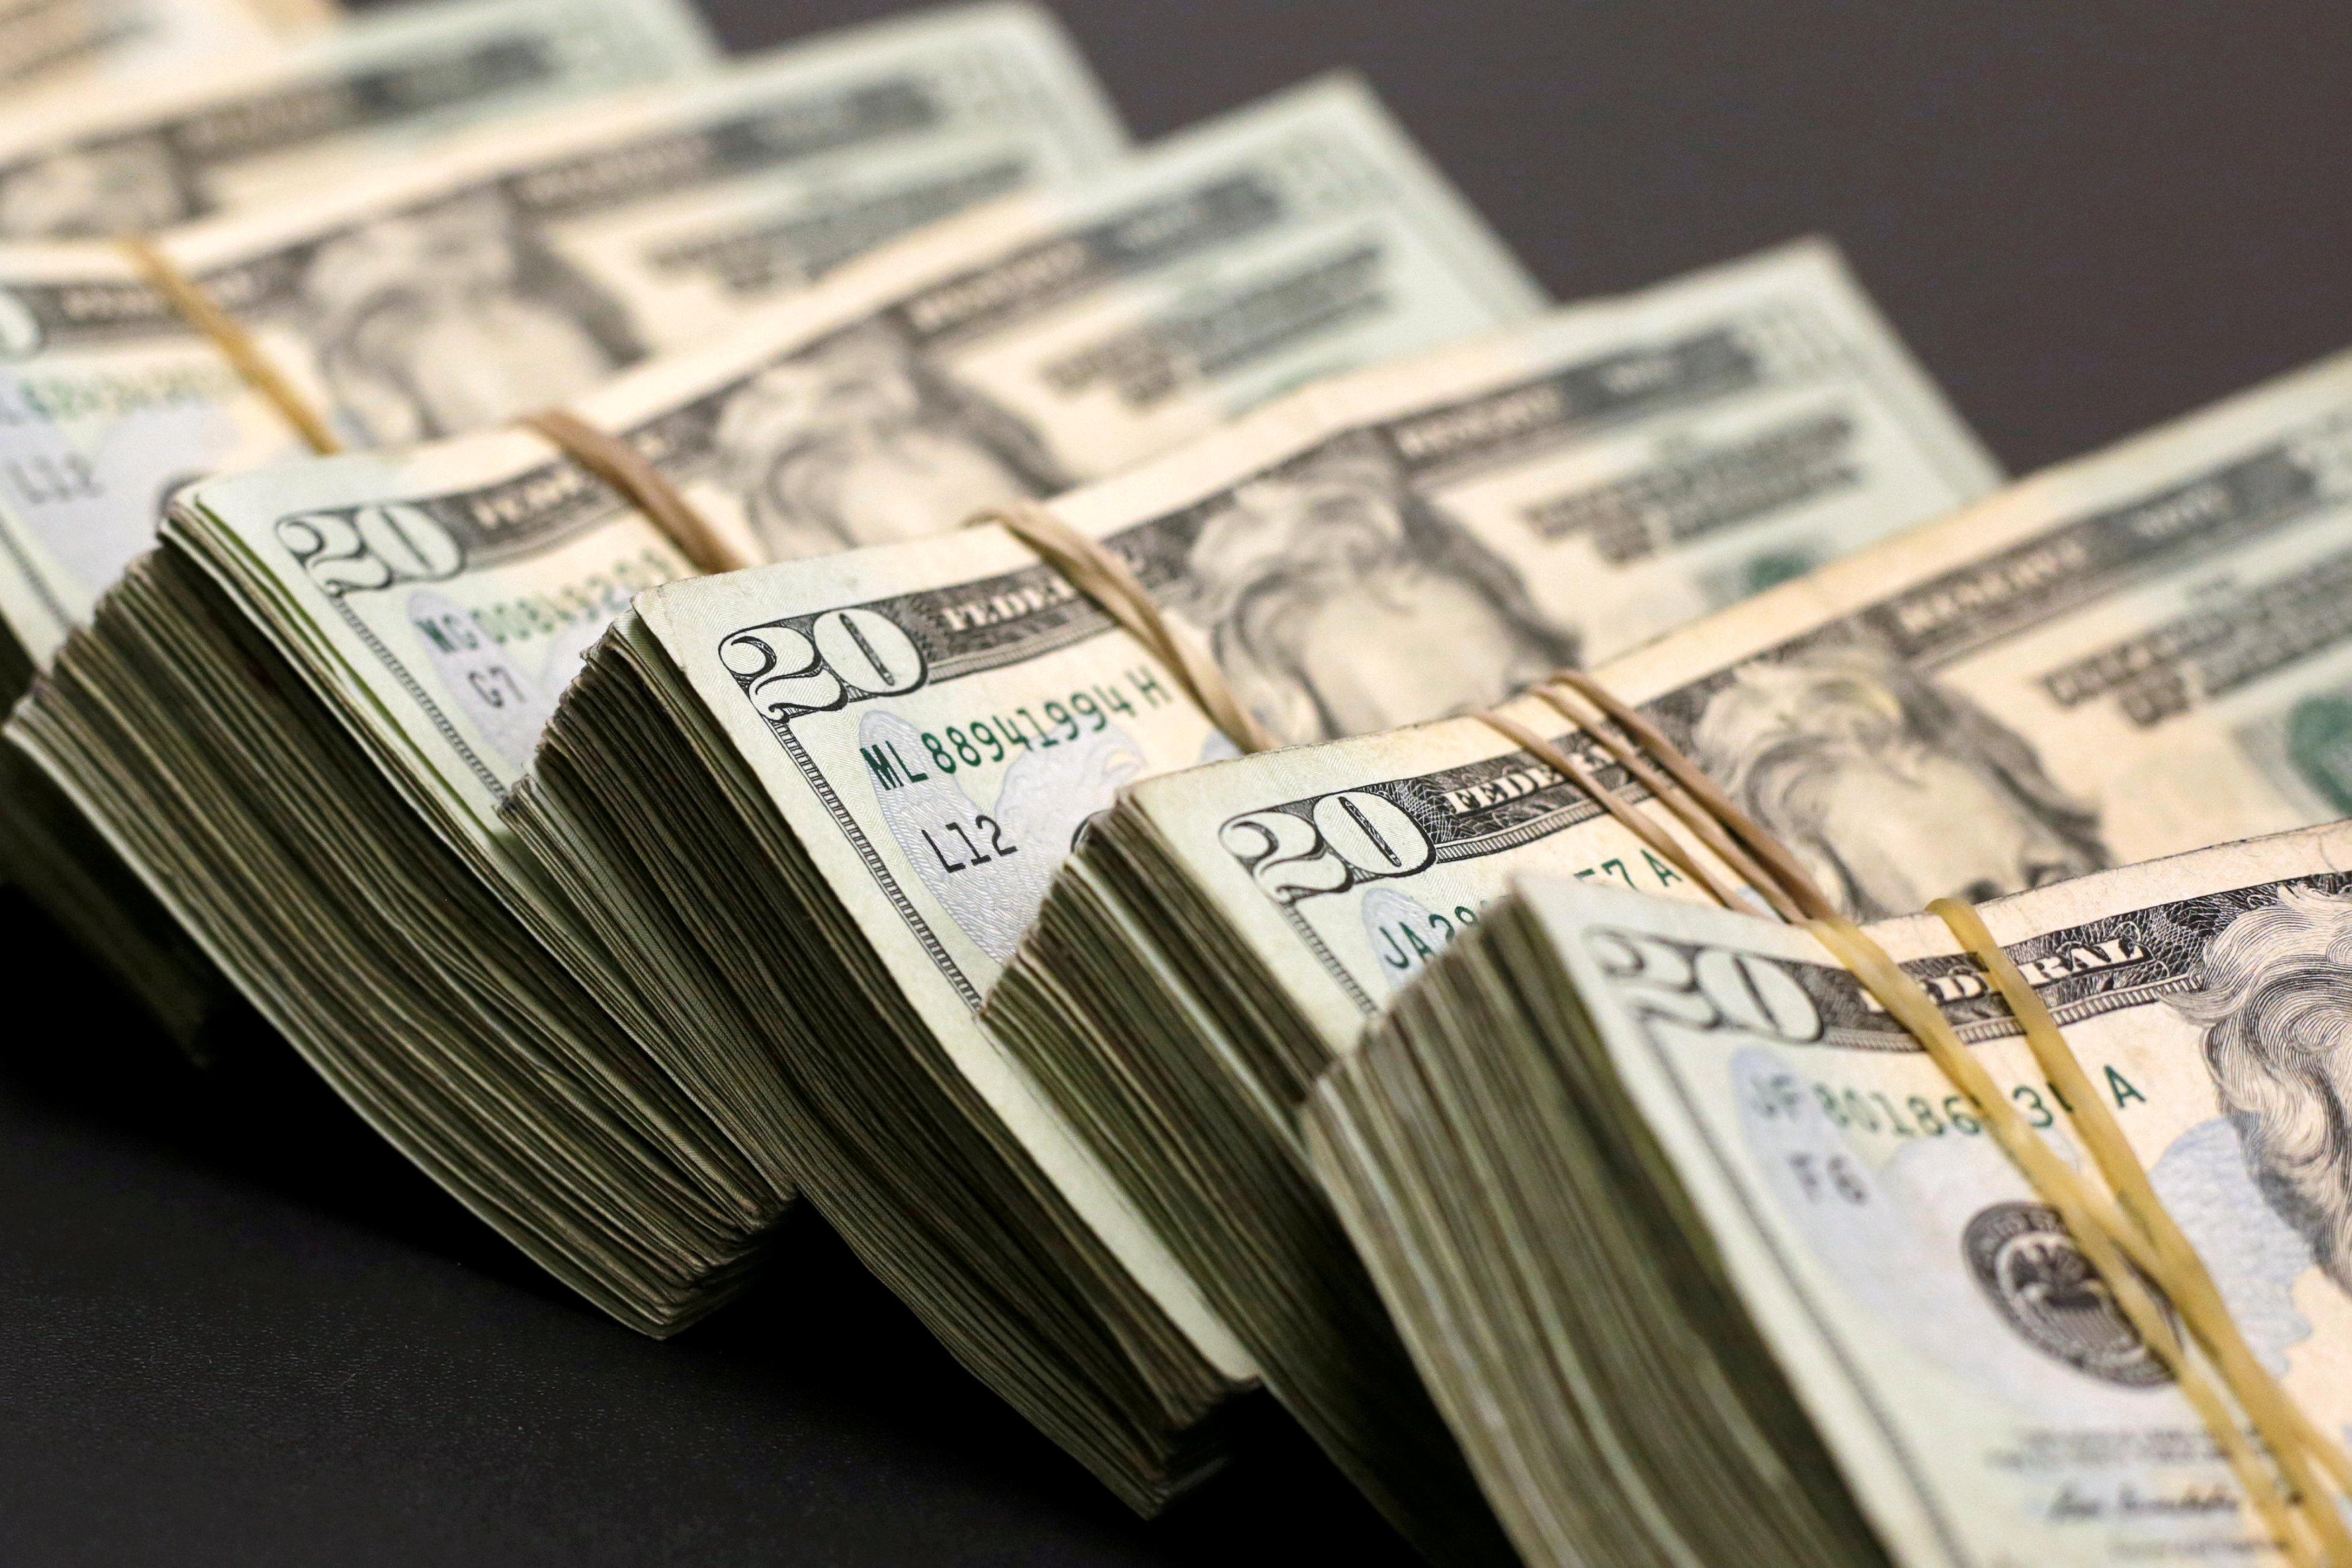 الدولار يواصل مكاسبه بدعم من نتائج انتخابات الكونجرس الأمريكي